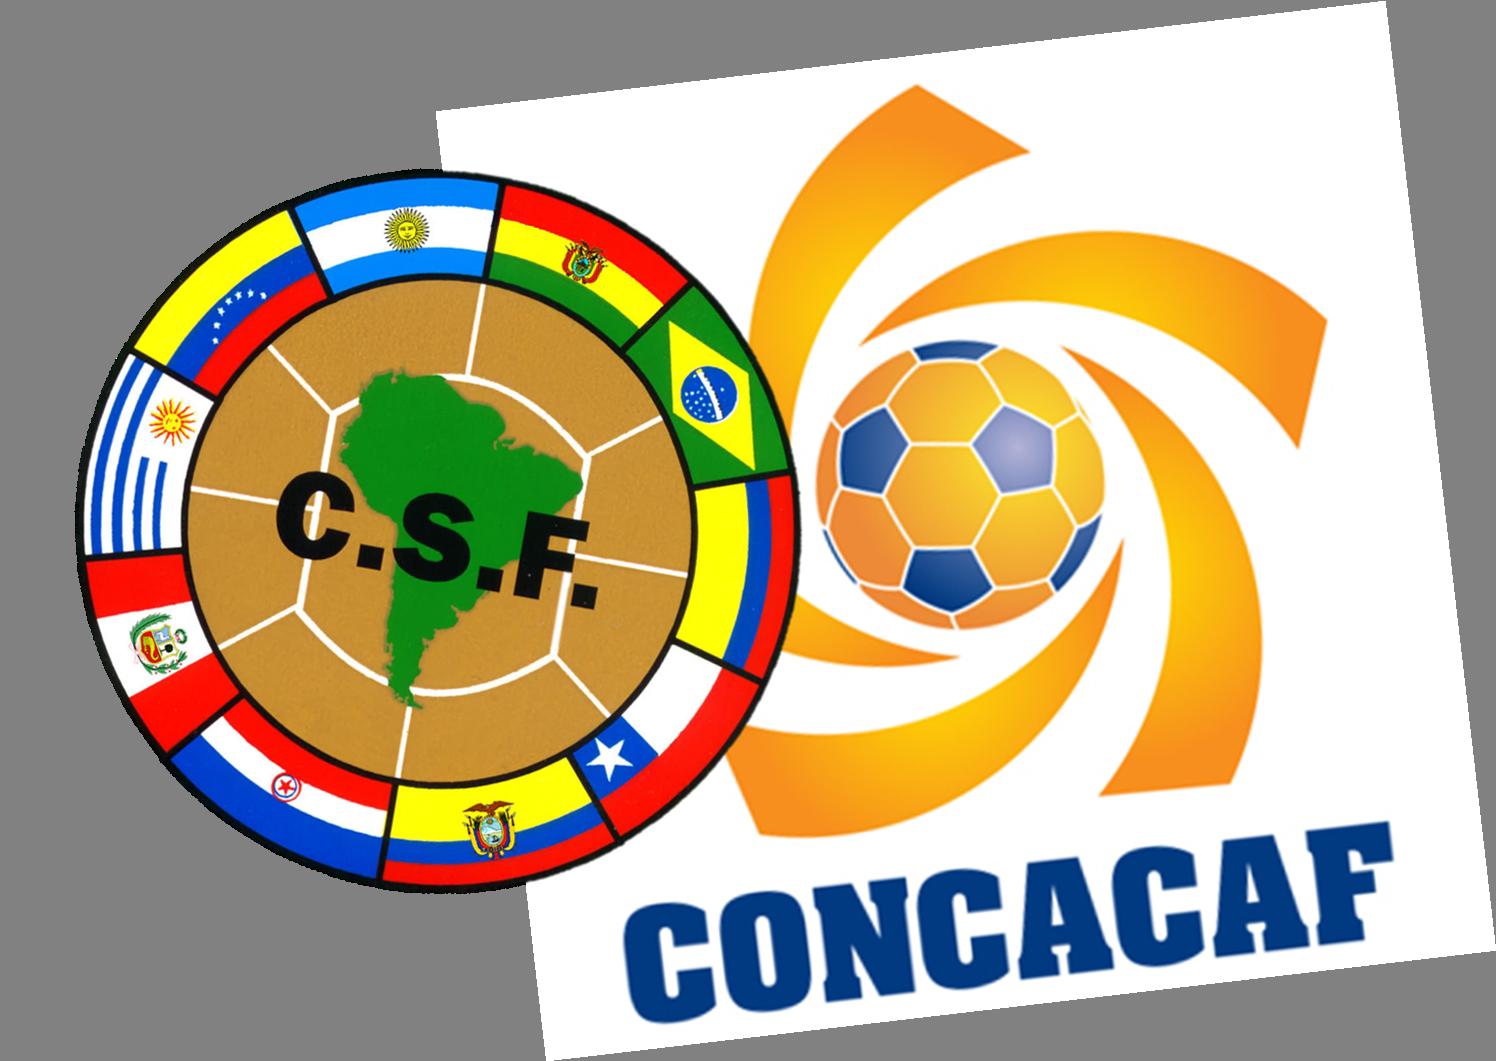 �888sport�copa america centenario can chile repeat as